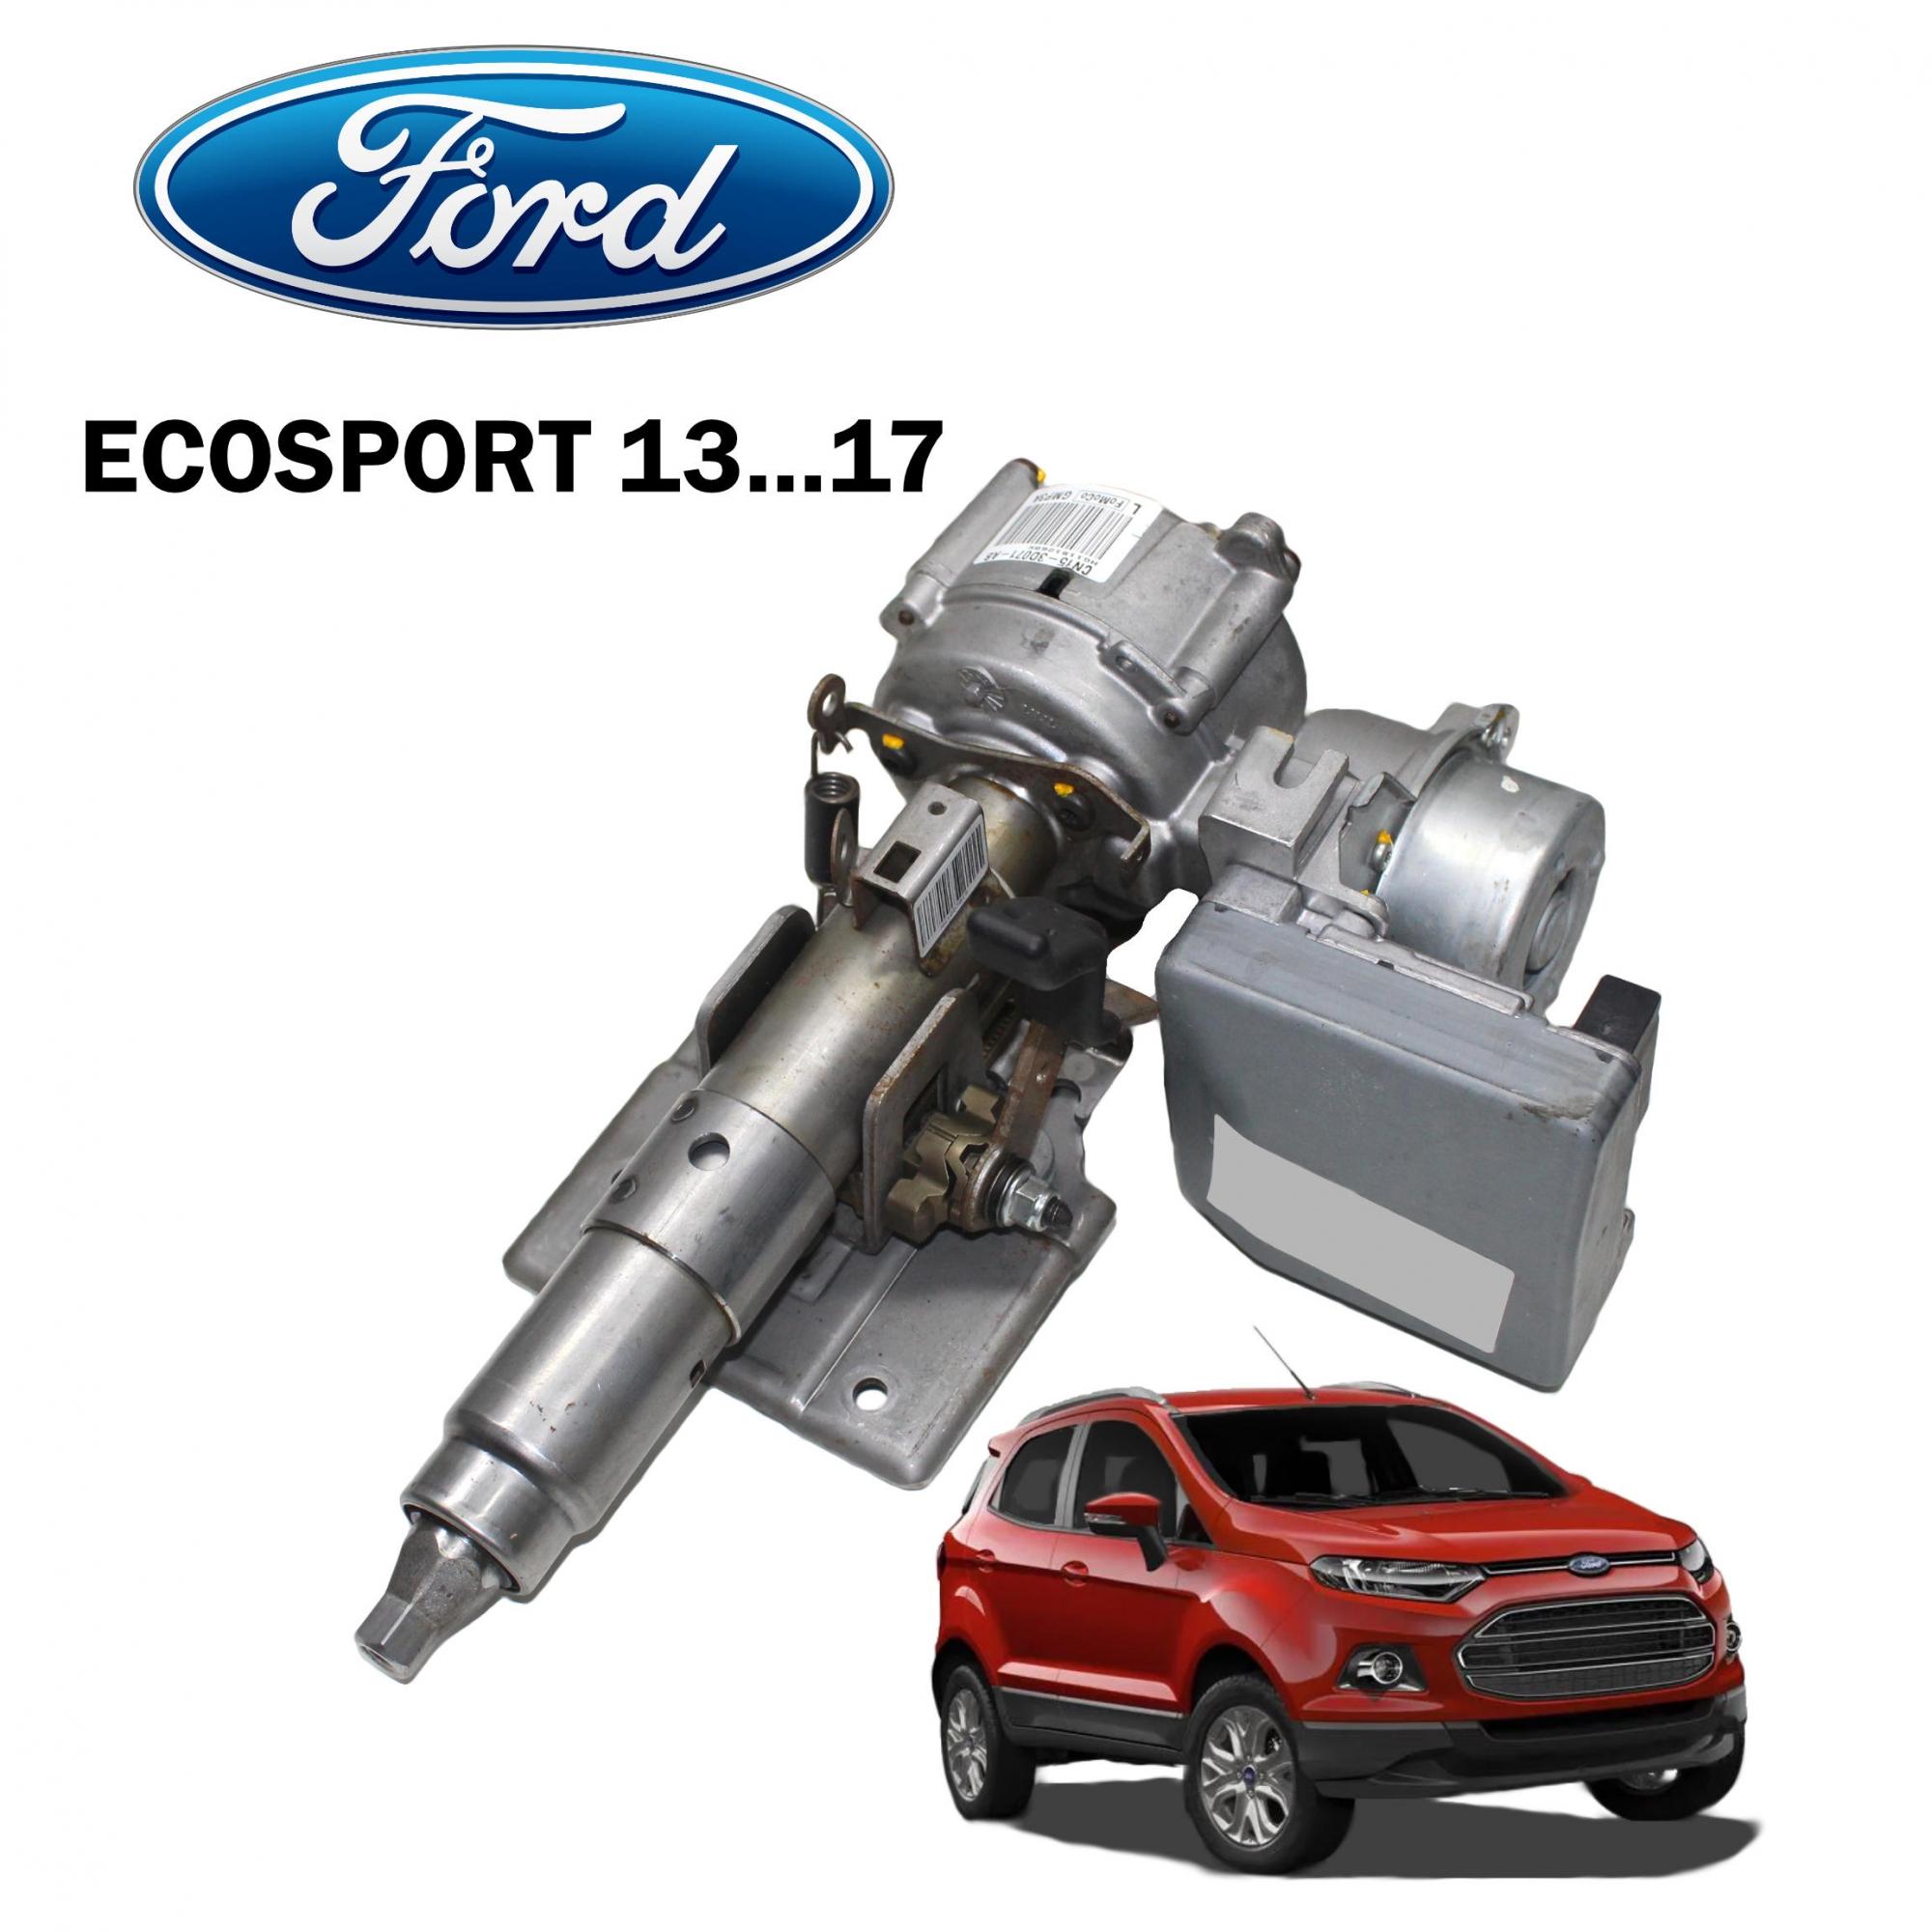 Motor Coluna Direção Elétrica Ford Ecosport 2013... 2017 CN153D071AB